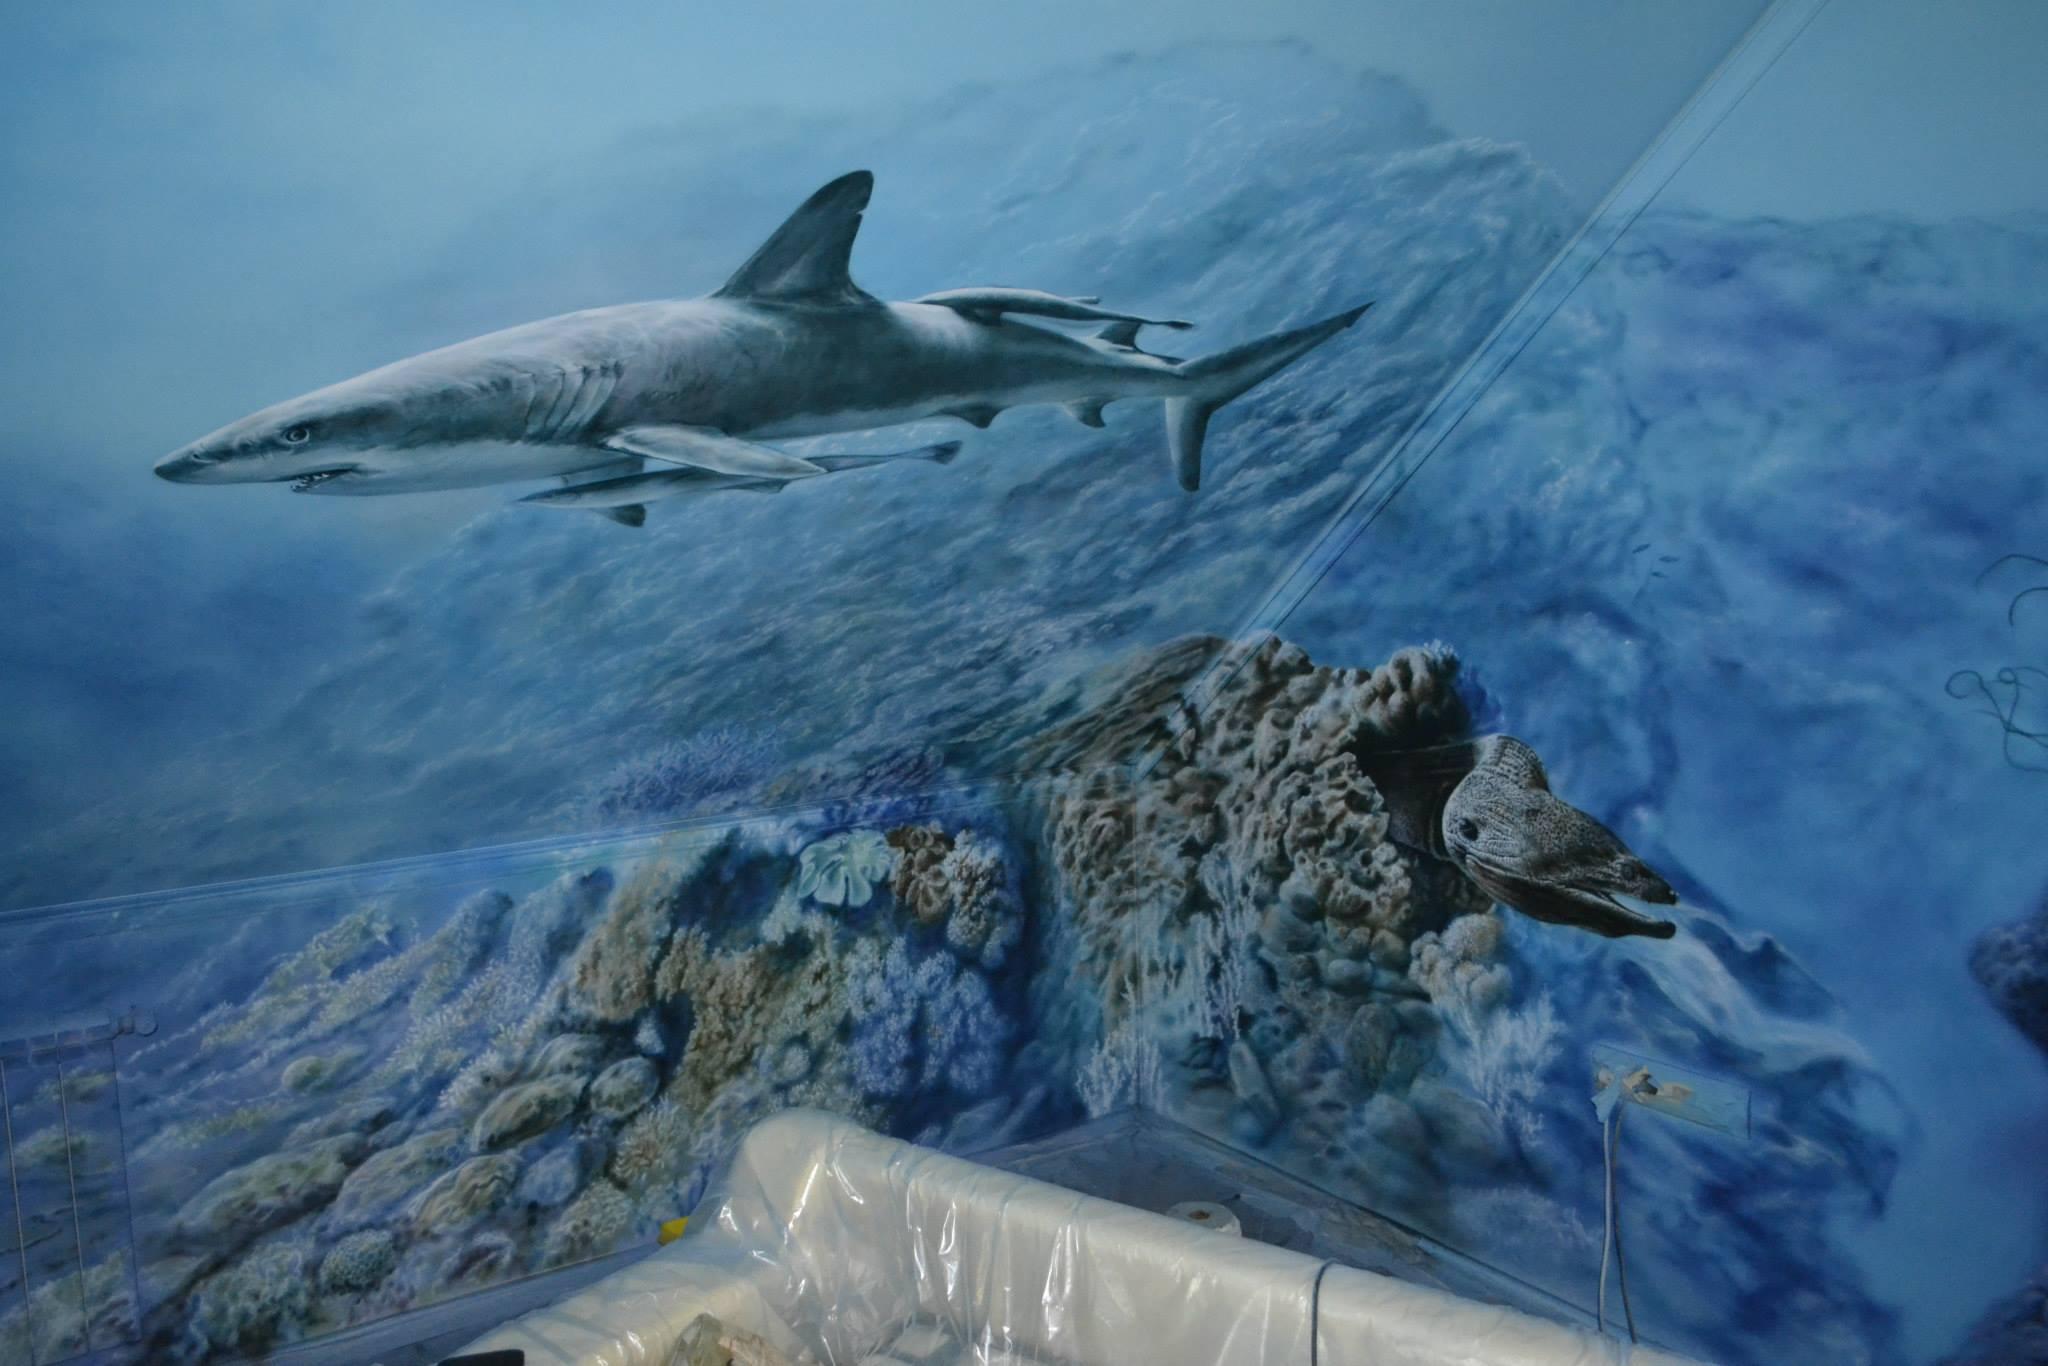 акула в стиле аэрографии на стене